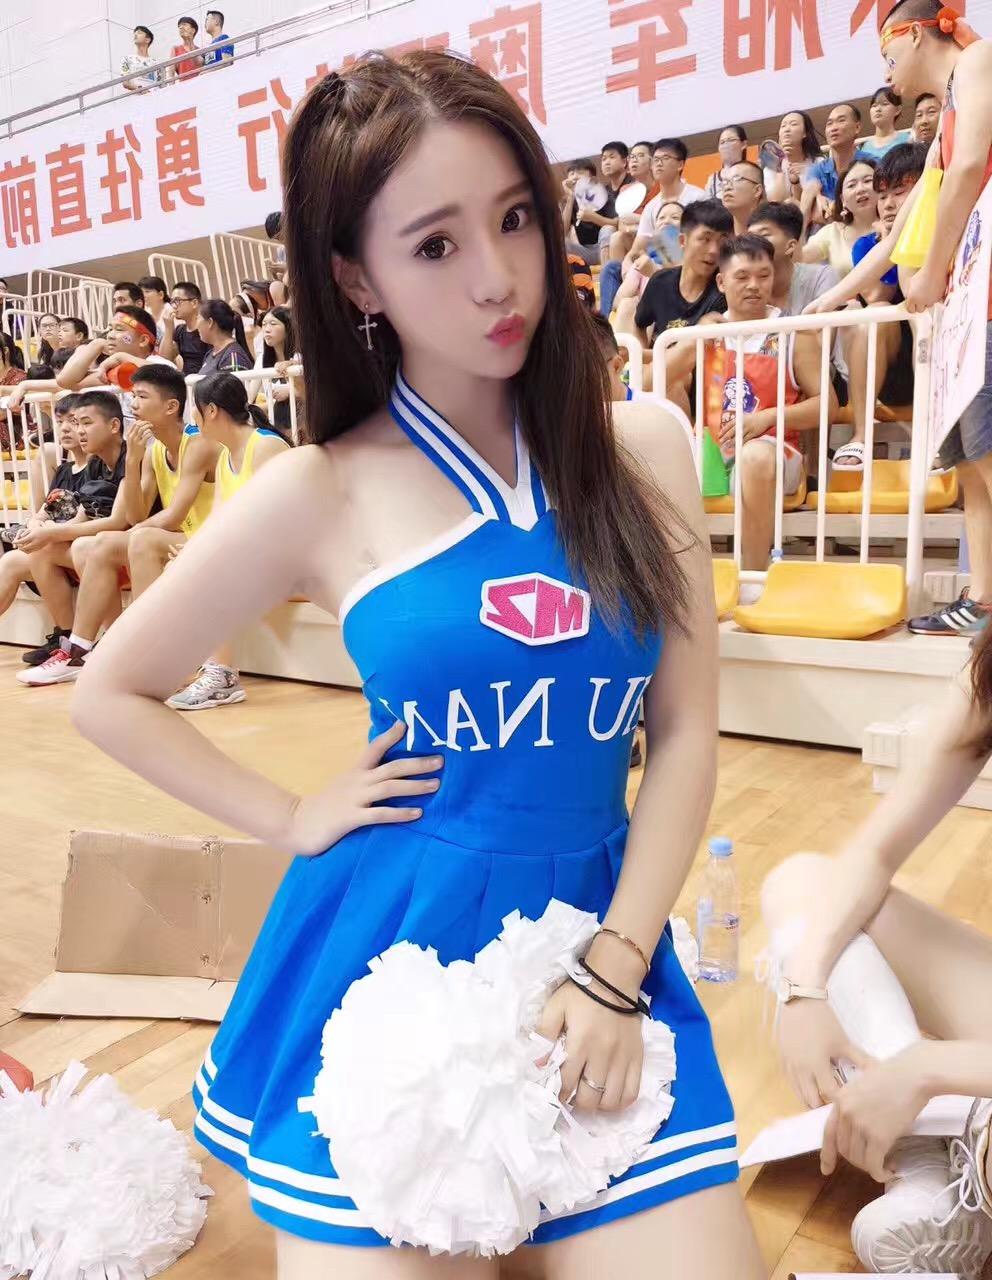 目前中国联赛最红啦啦队女郎!你OUT了吗?